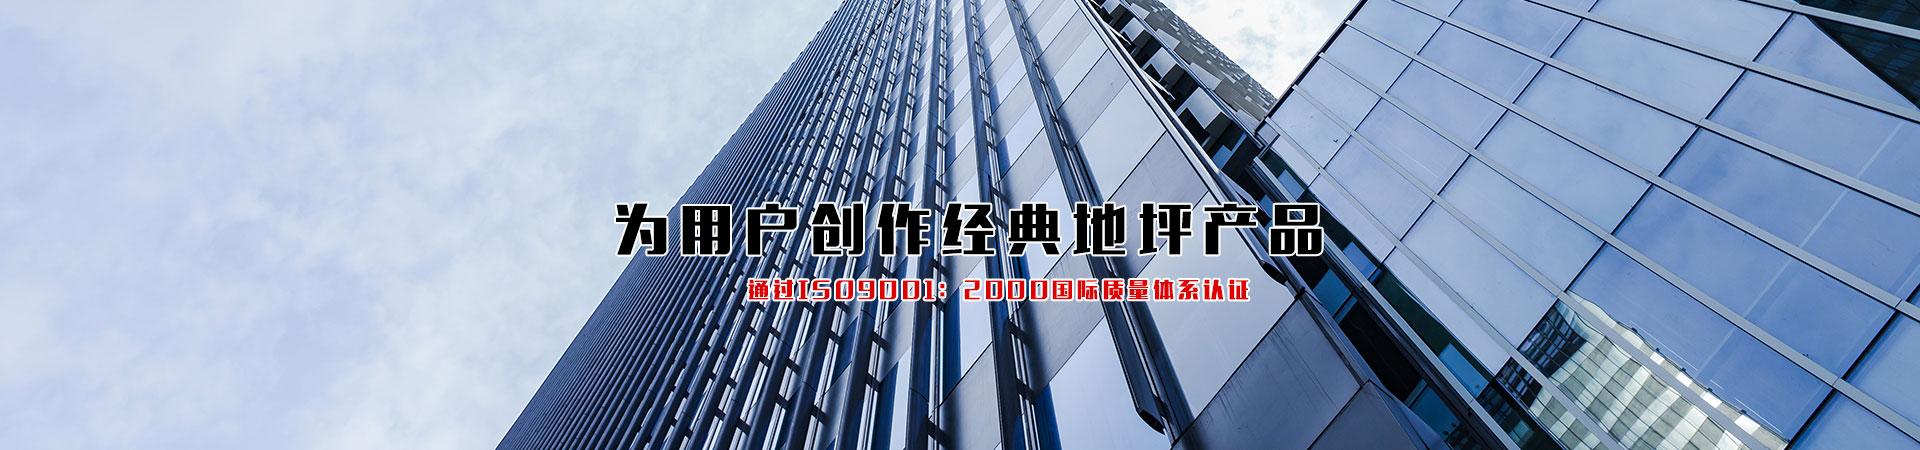 宝马娱乐bm333444